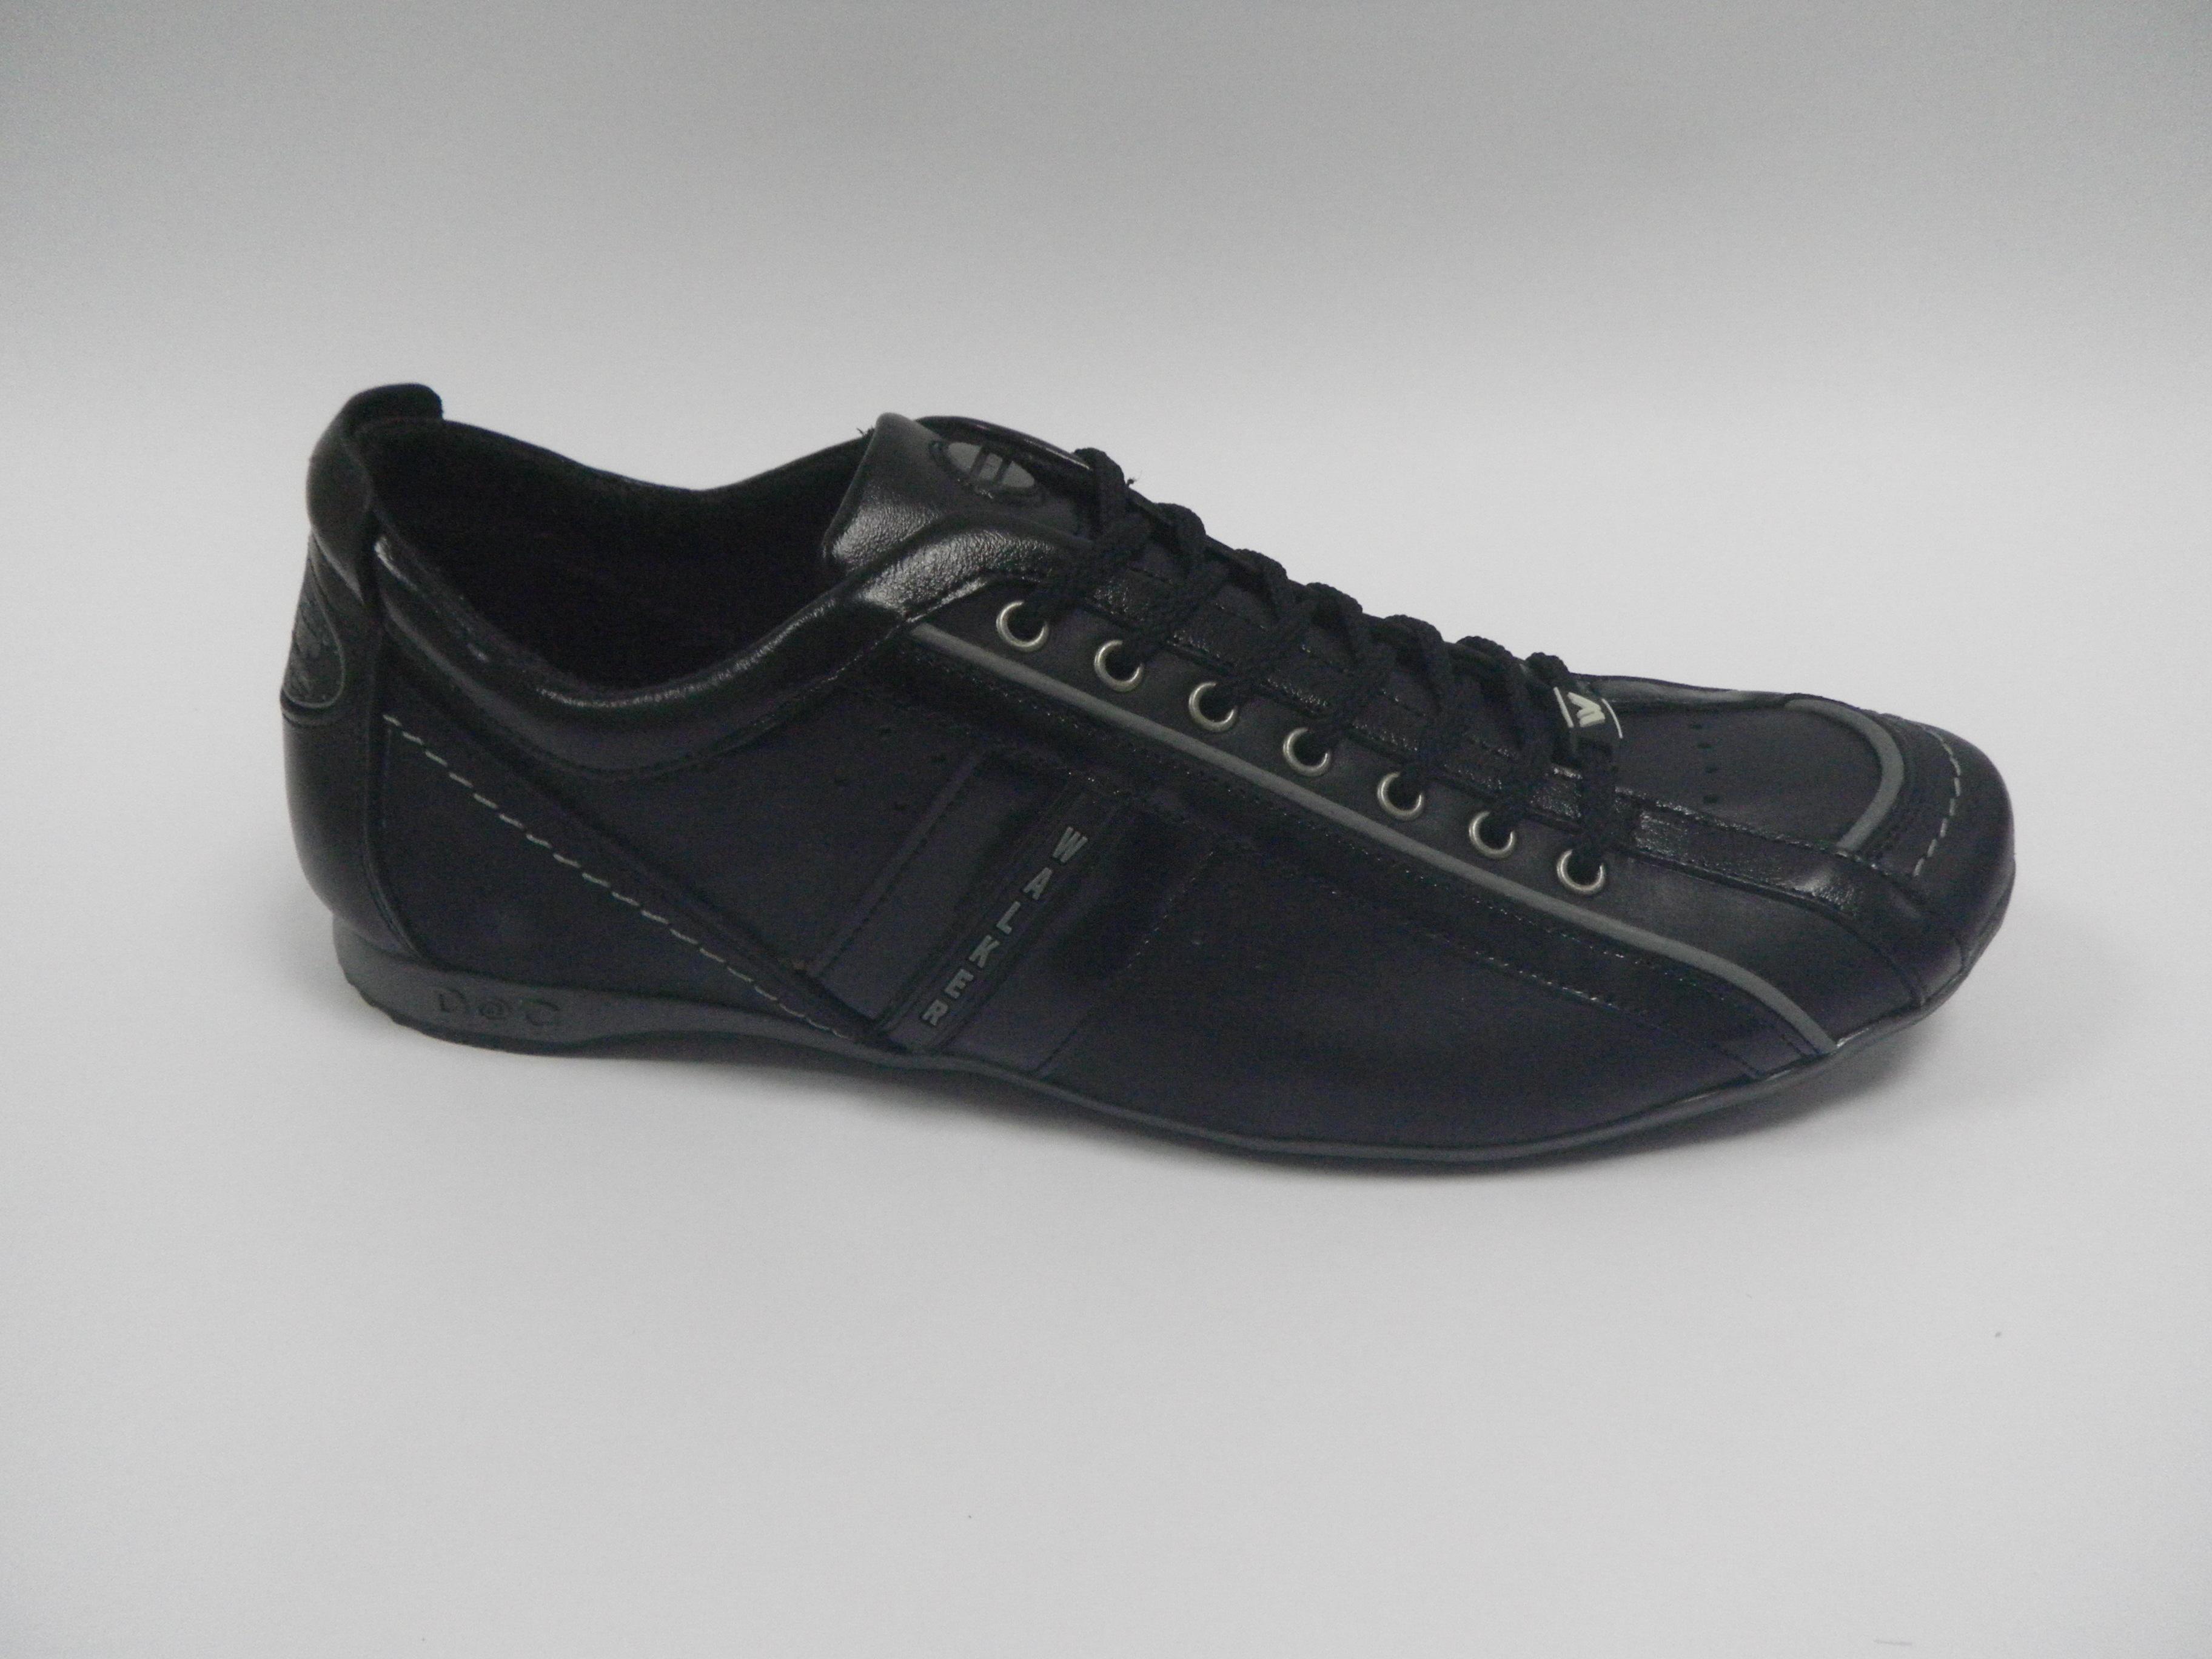 Сбор заказов. Распродажа мужской обуви с 39 по 45 р.-5. Только натуральные материалы!Зима 1500, осень 1000 и 1200!